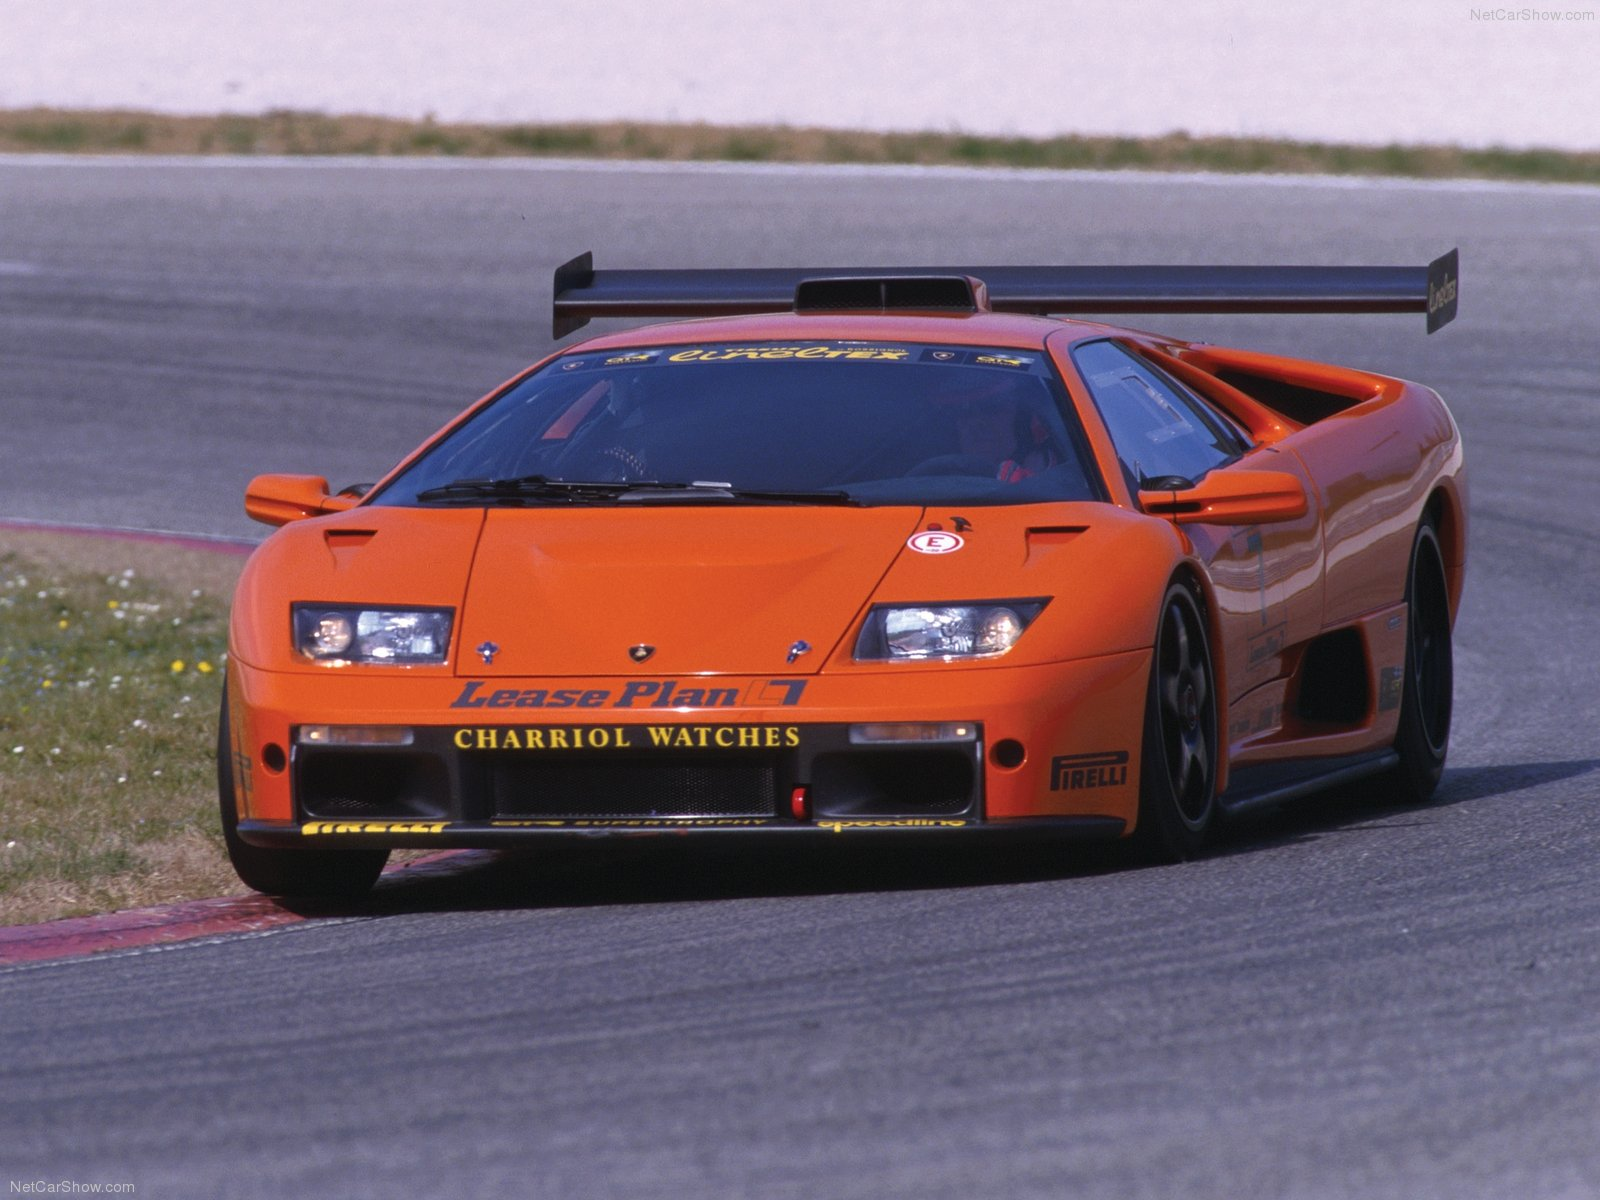 Hình ảnh siêu xe Lamborghini Diablo GTR 1999 & nội ngoại thất